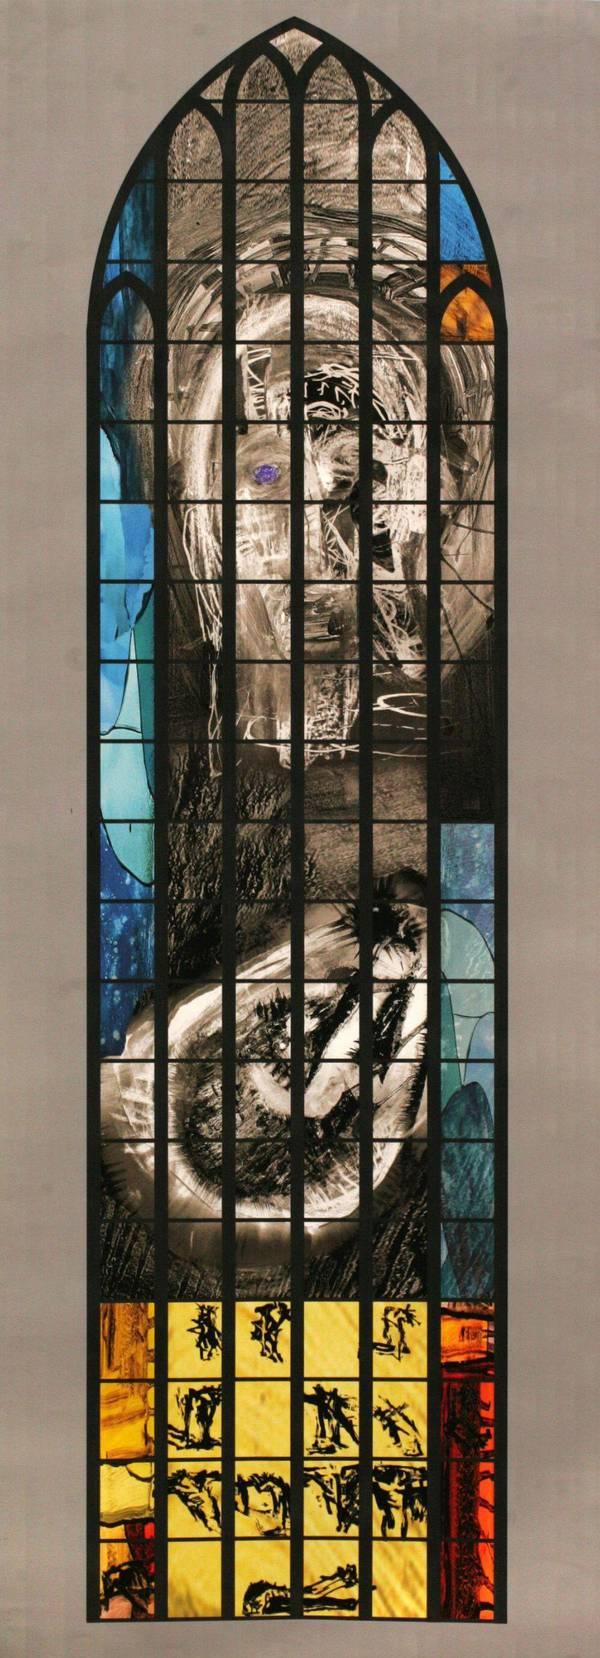 2006 Peter Brandes Opstandne og lidende Kristus Kasseret mosaikrudeforslag til Odense Dom 135056_600_0_0_0_0_0.jpg